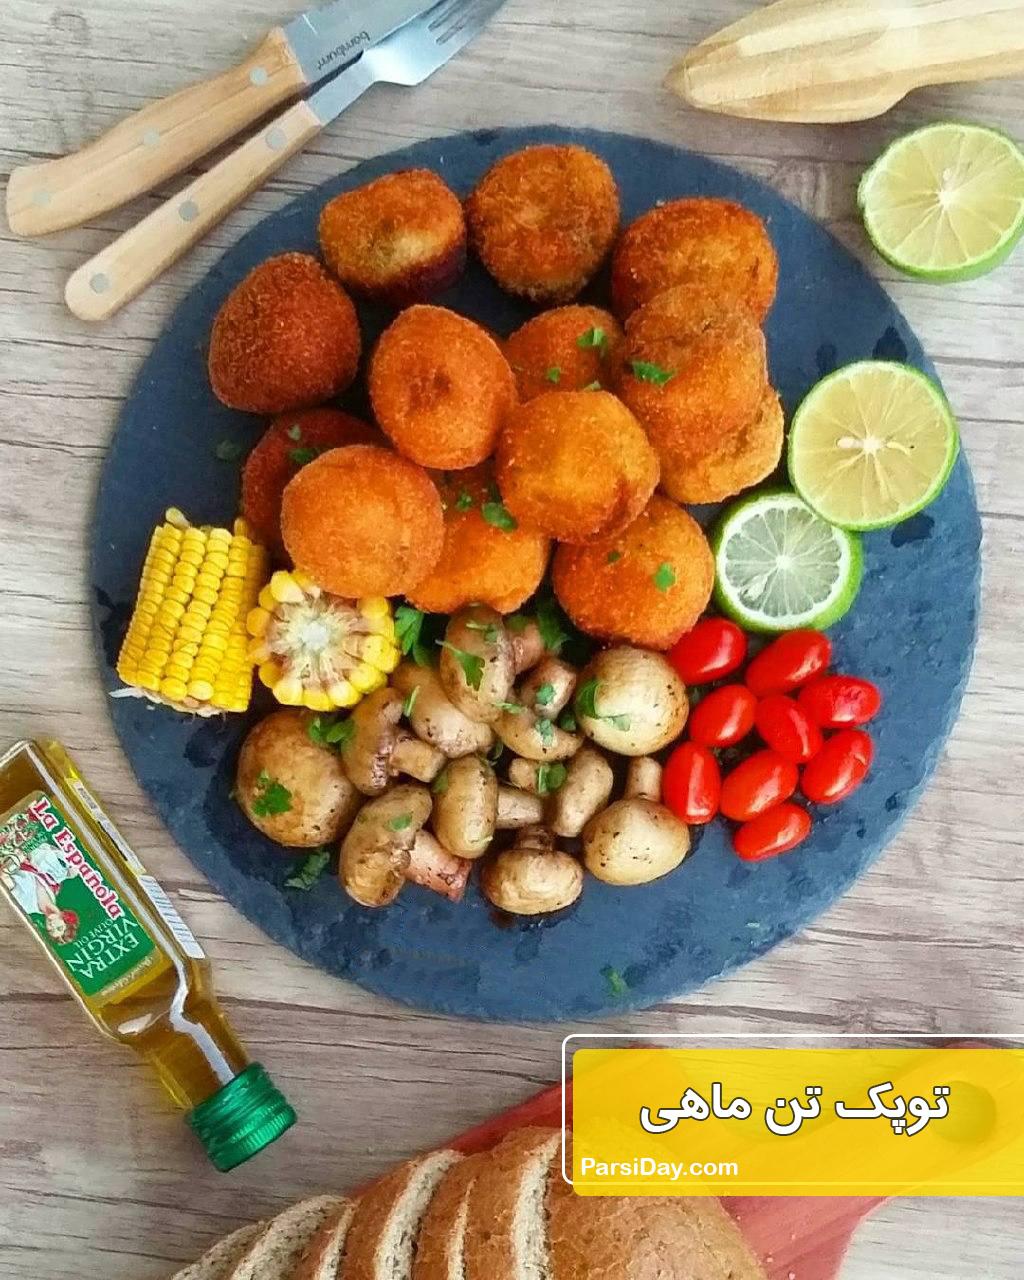 طرز تهیه توپک تن ماهی خوشمزه و آسان با سیب زمینی و سبزی